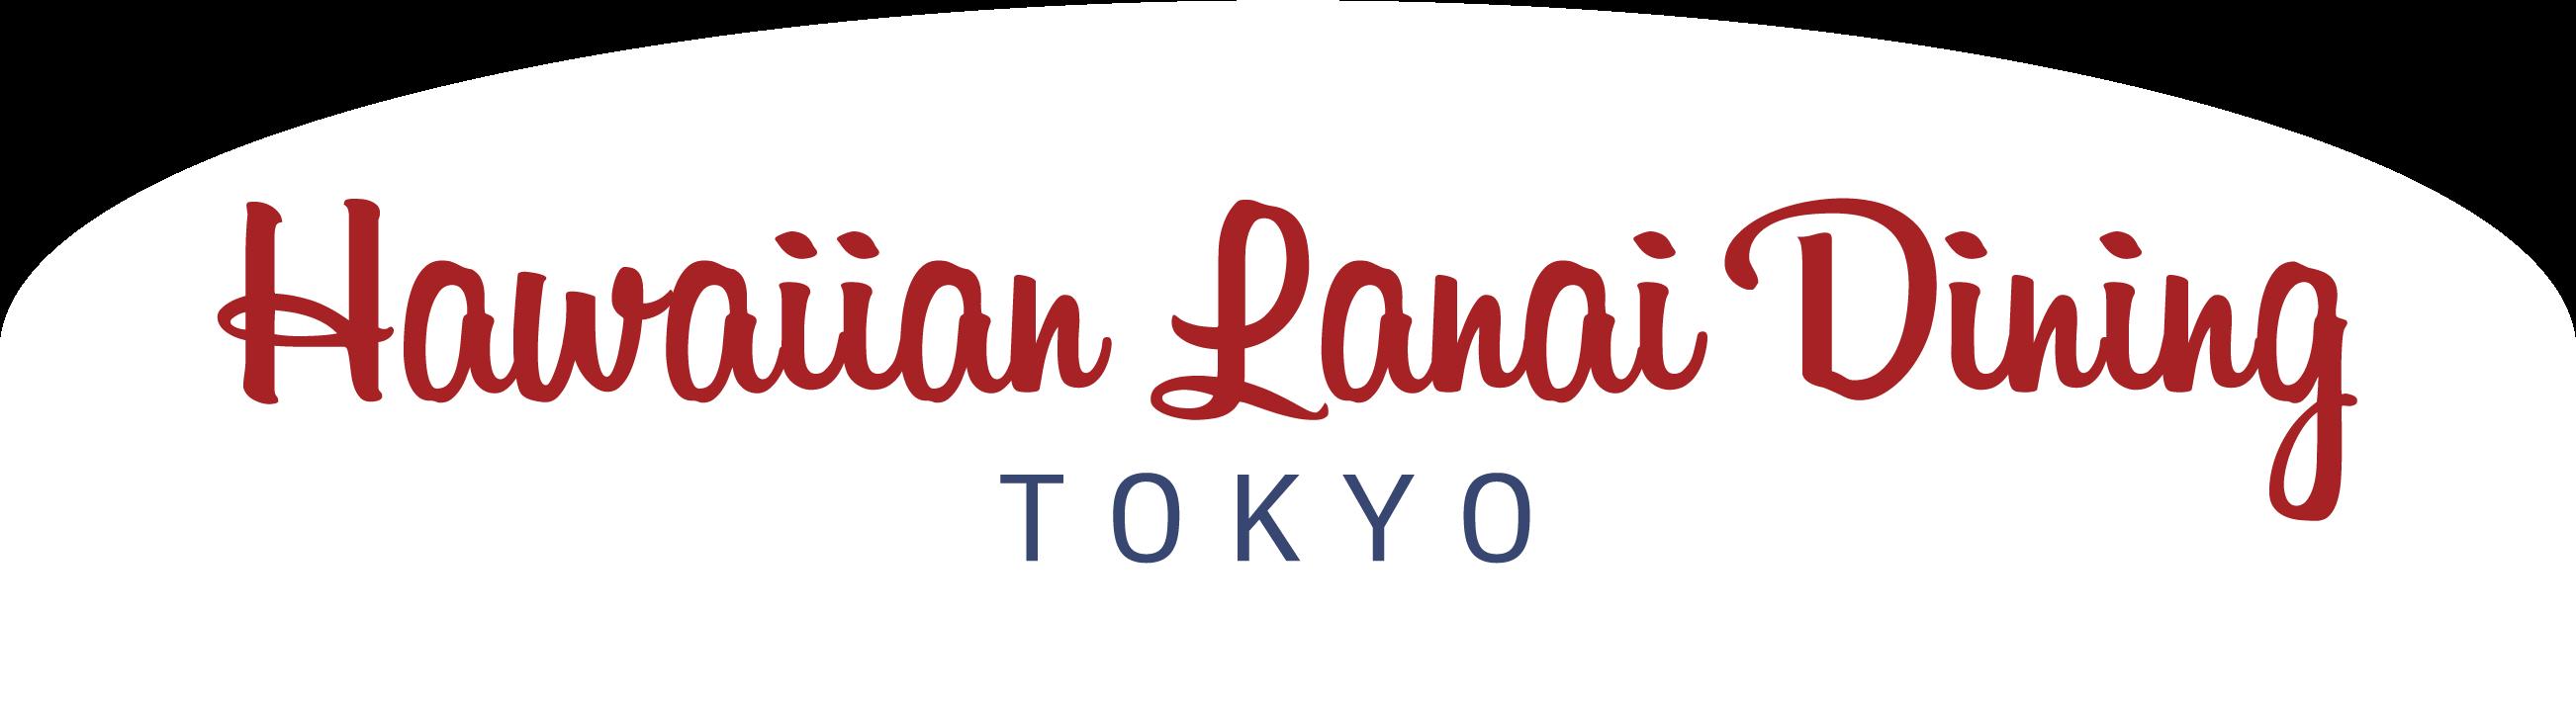 Hawaiian Lanai Dining Tokyo / 小さな幸せみぃつけた